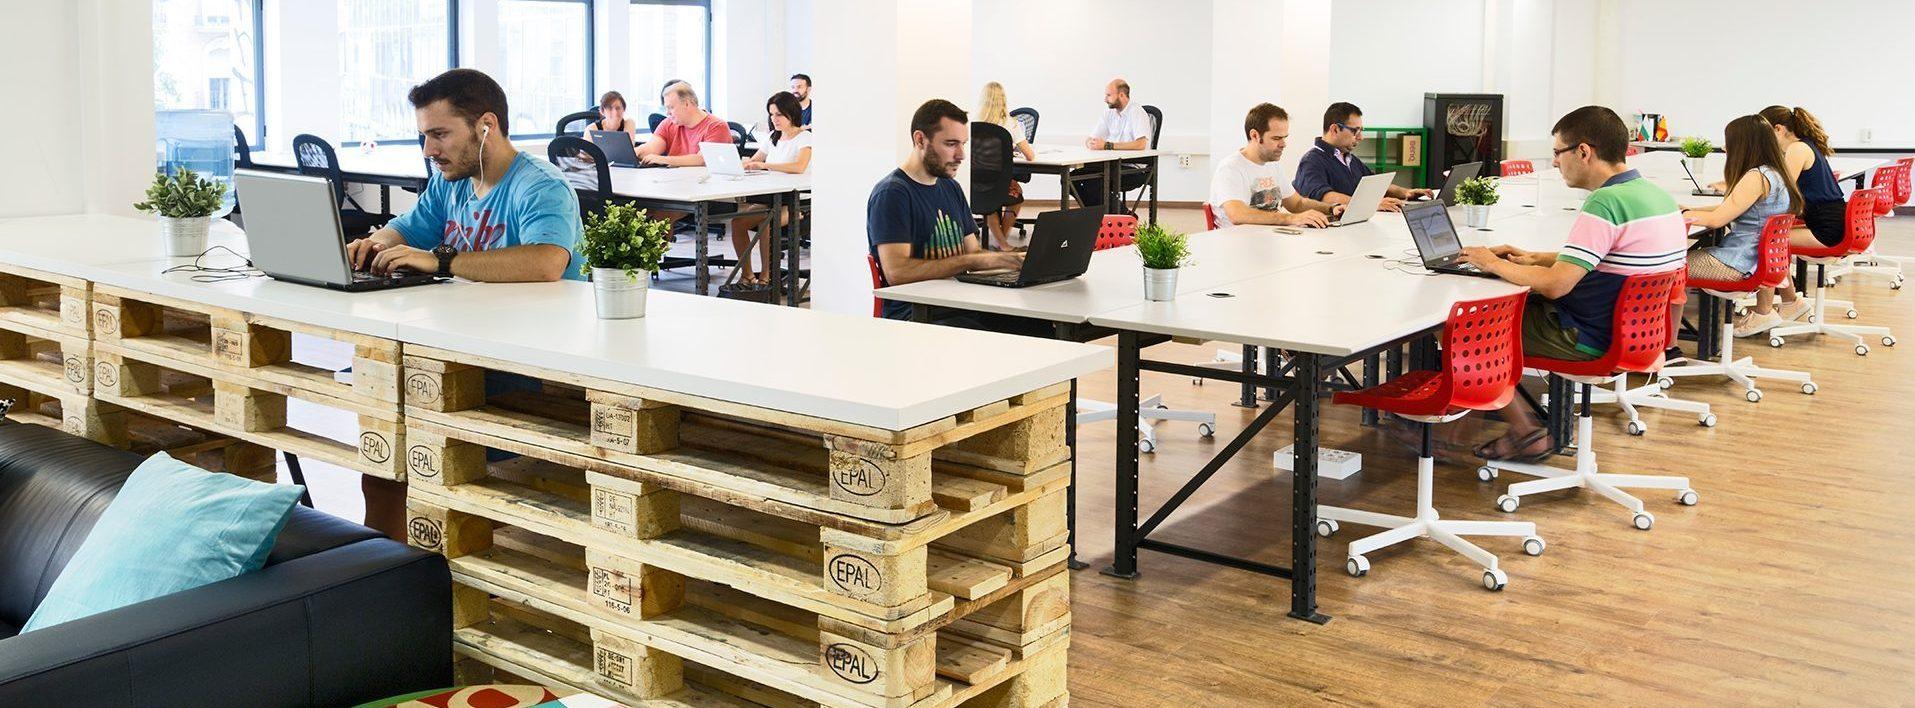 Coworkidea espacio de trabajo compartido